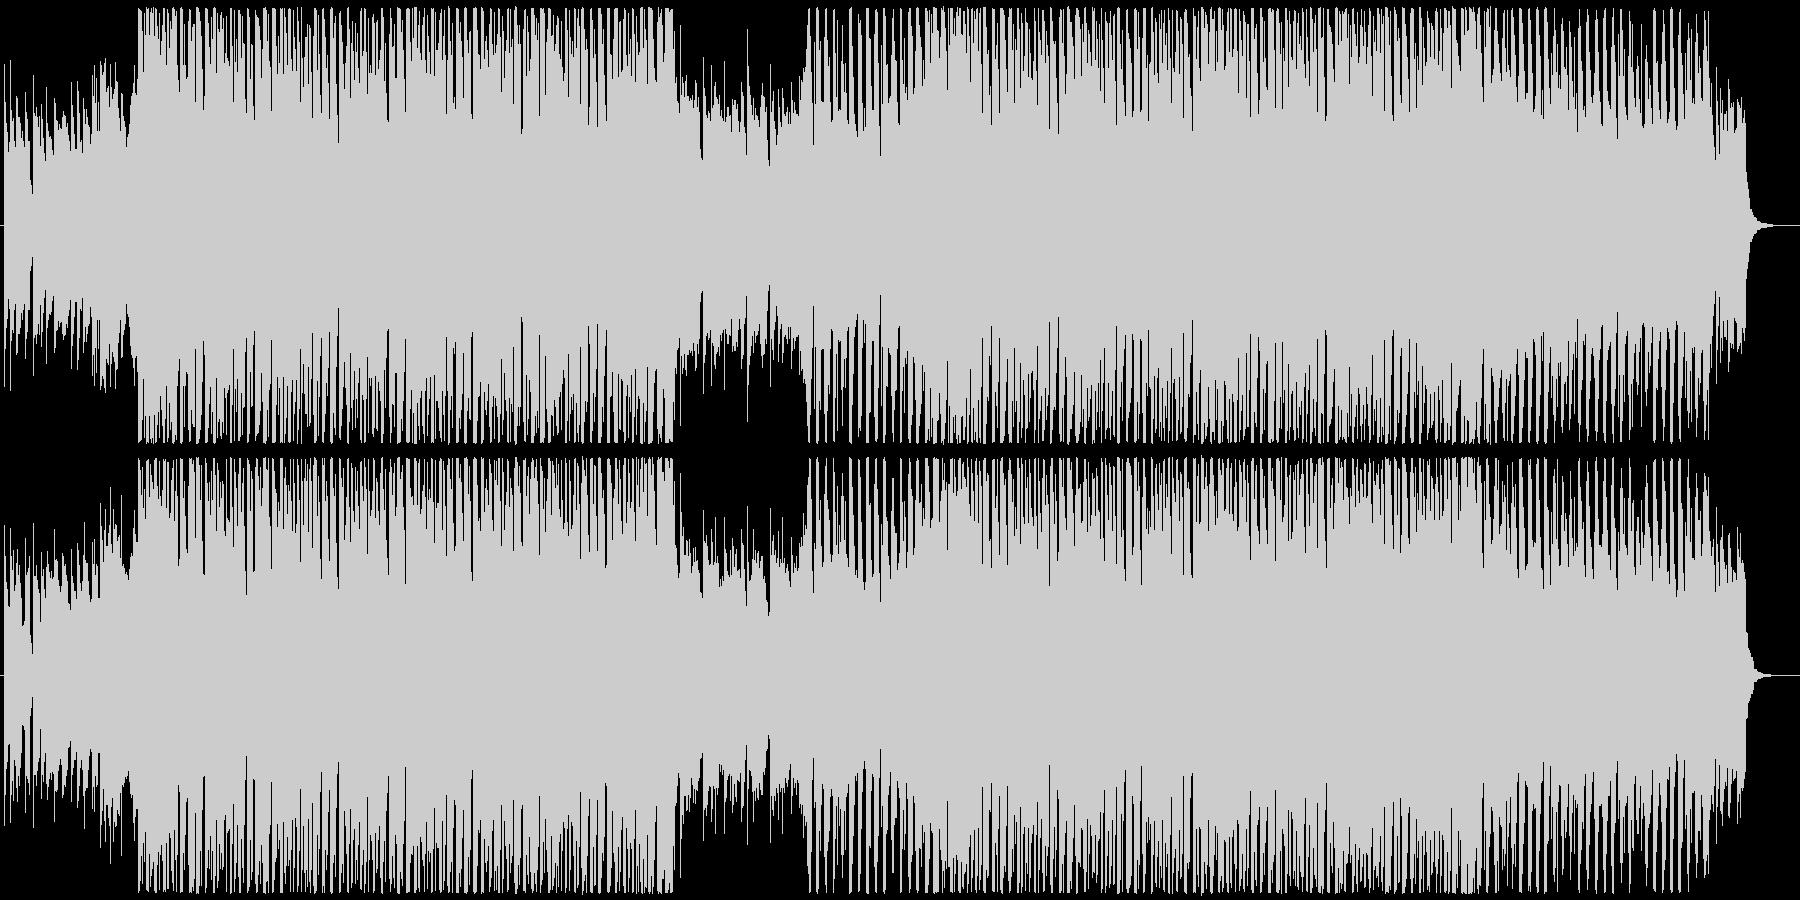 ノリの良い可愛いシンセポップの未再生の波形